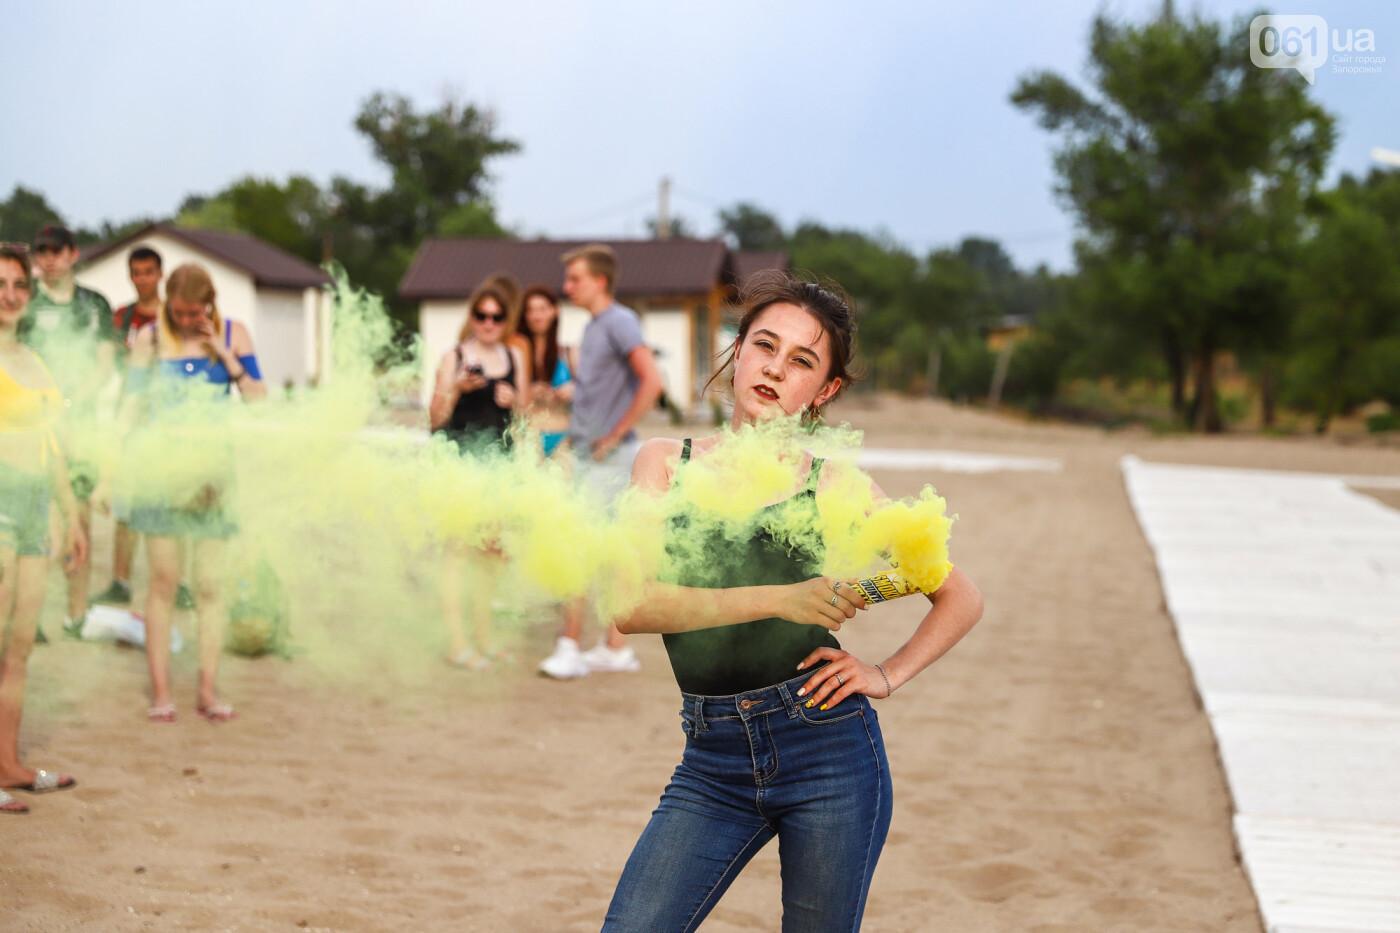 На пляже в Запорожье зажгли желто-синие дымовые шашки и установили рекорд Украины, - ФОТОРЕПОРТАЖ, фото-19